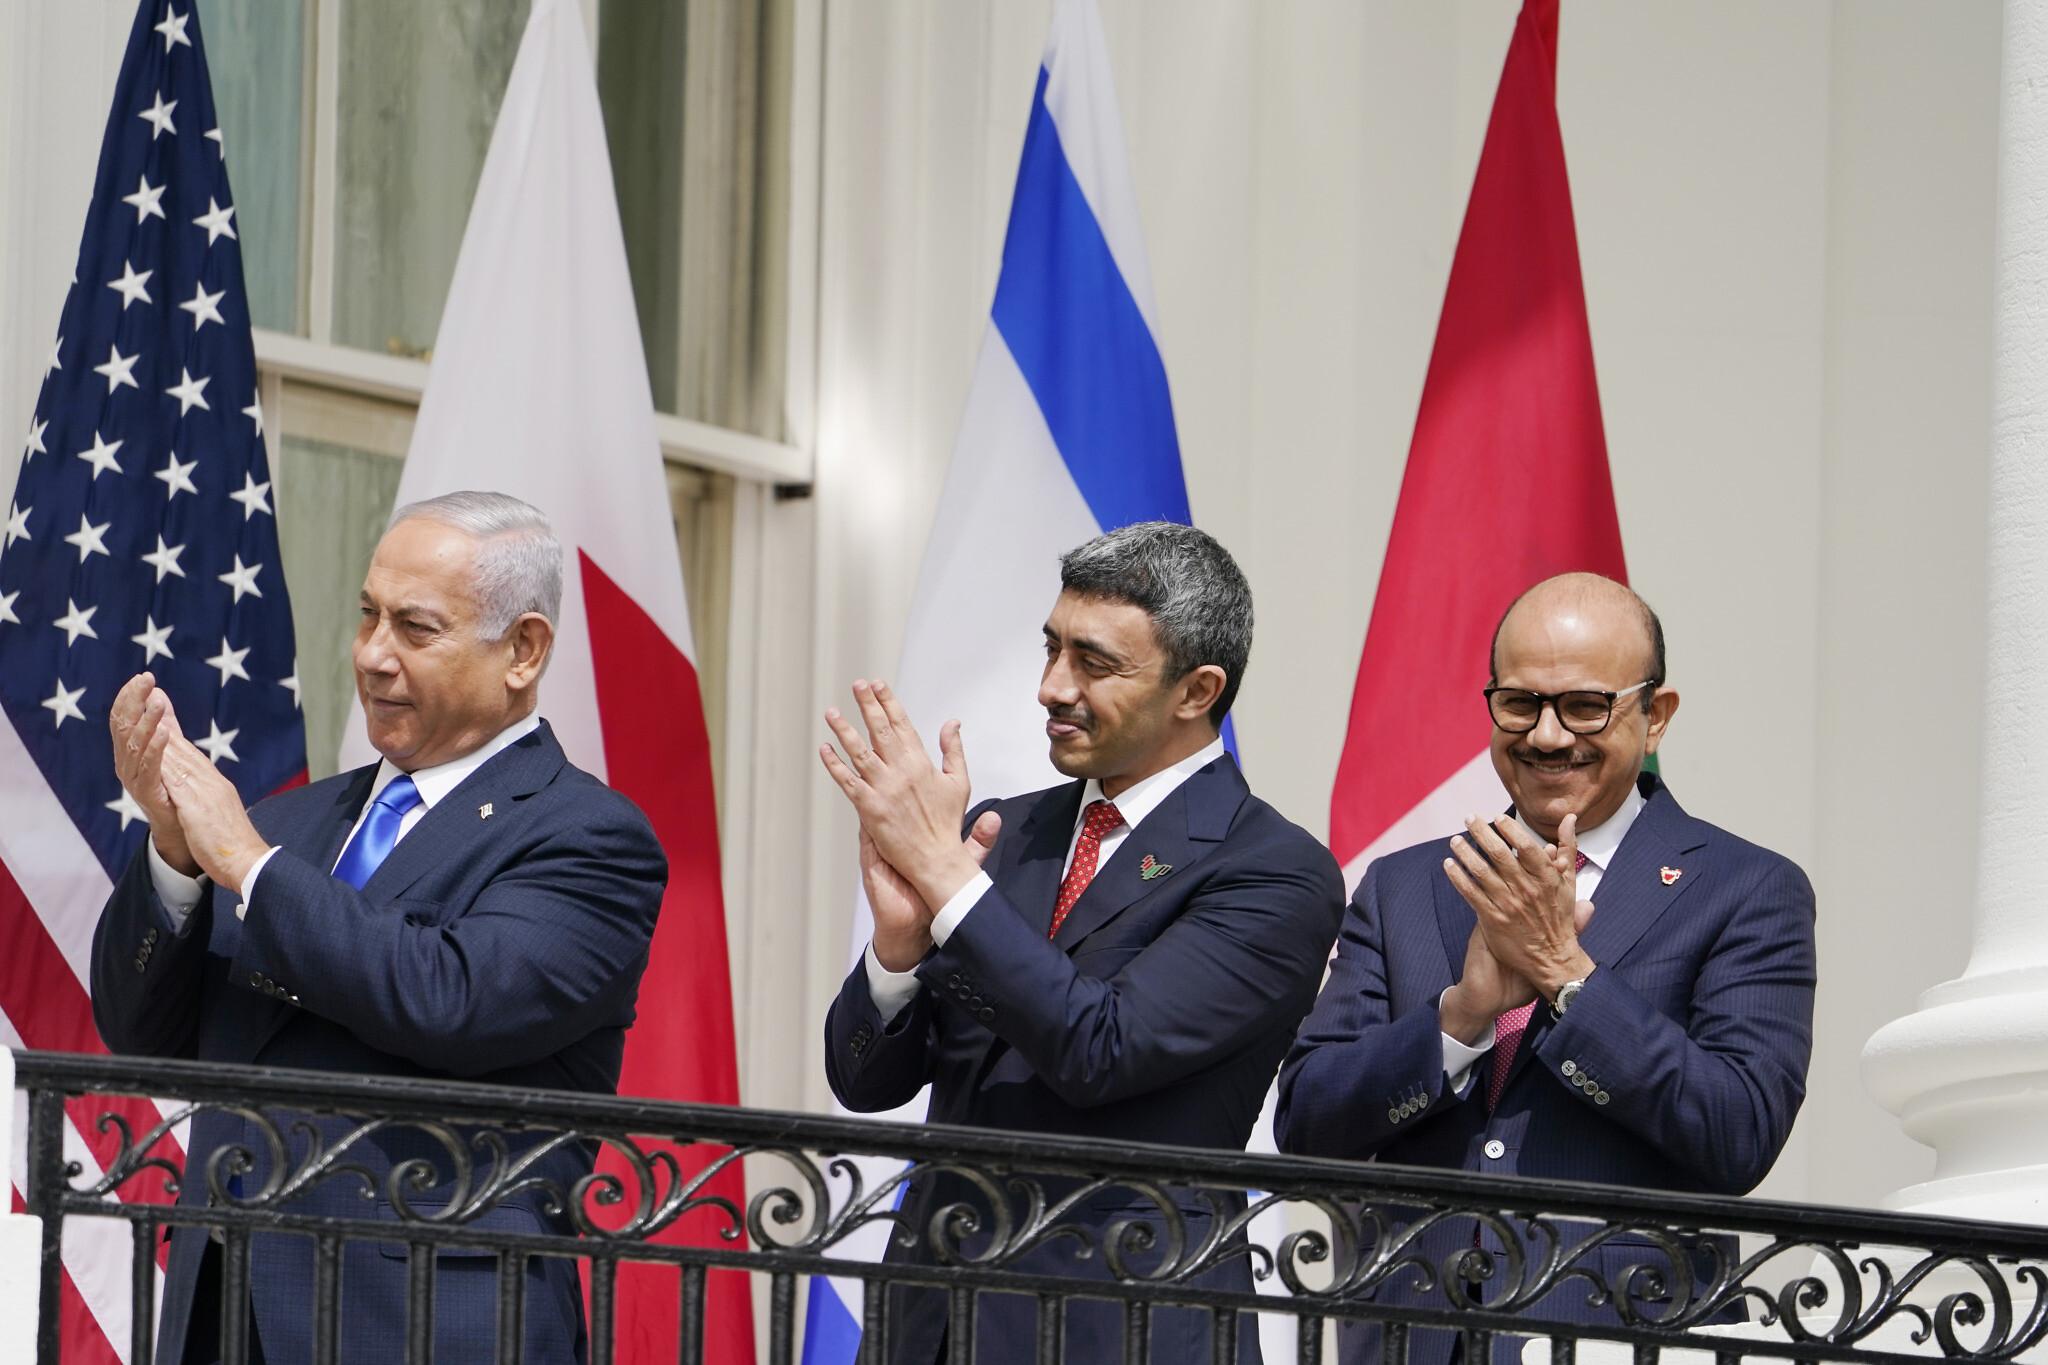 «توافقنامه ابراهیم» پیمان صلح نیست، اتحاد نظامی علیه ایران است